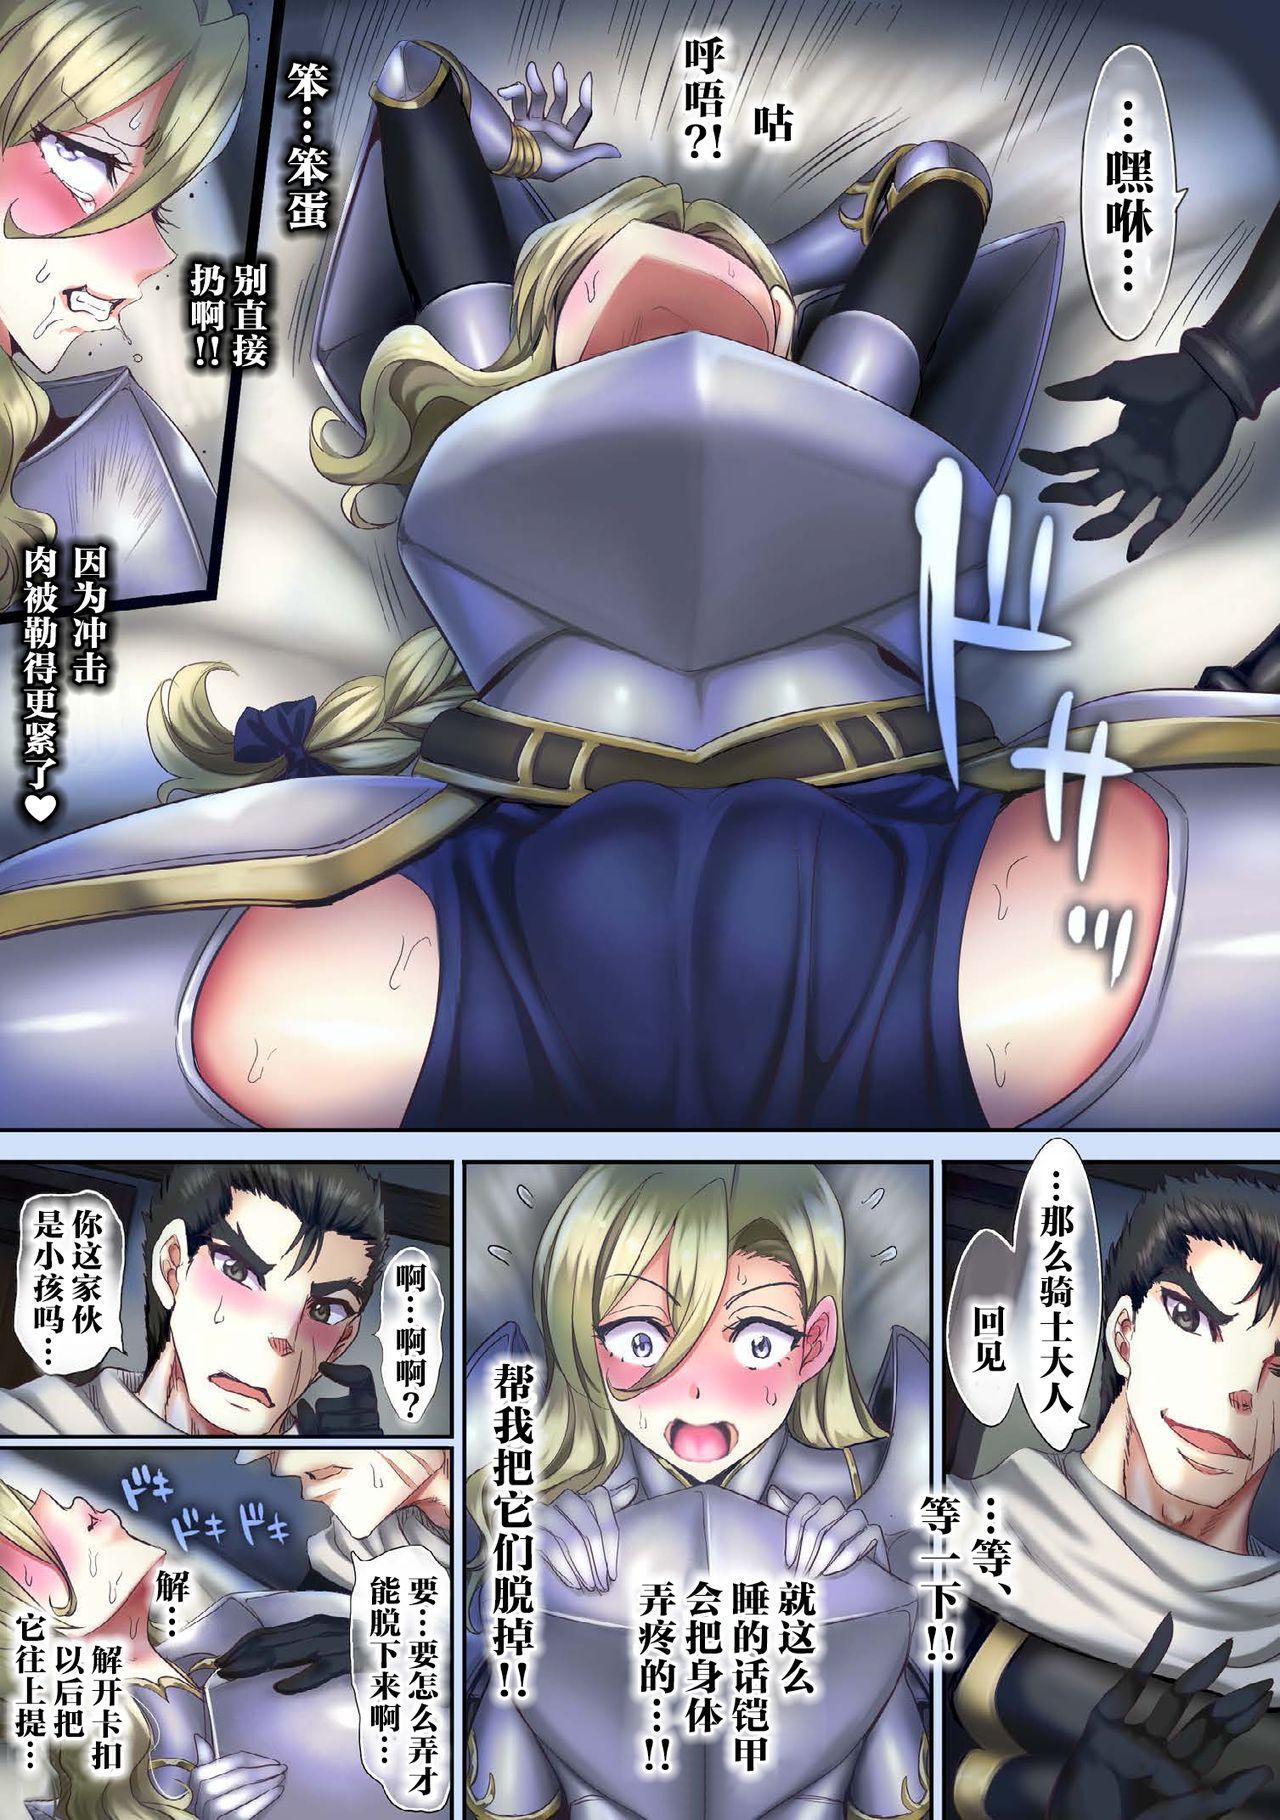 Zenmetsu Party Rape 3 | 全灭强奸派对3 29